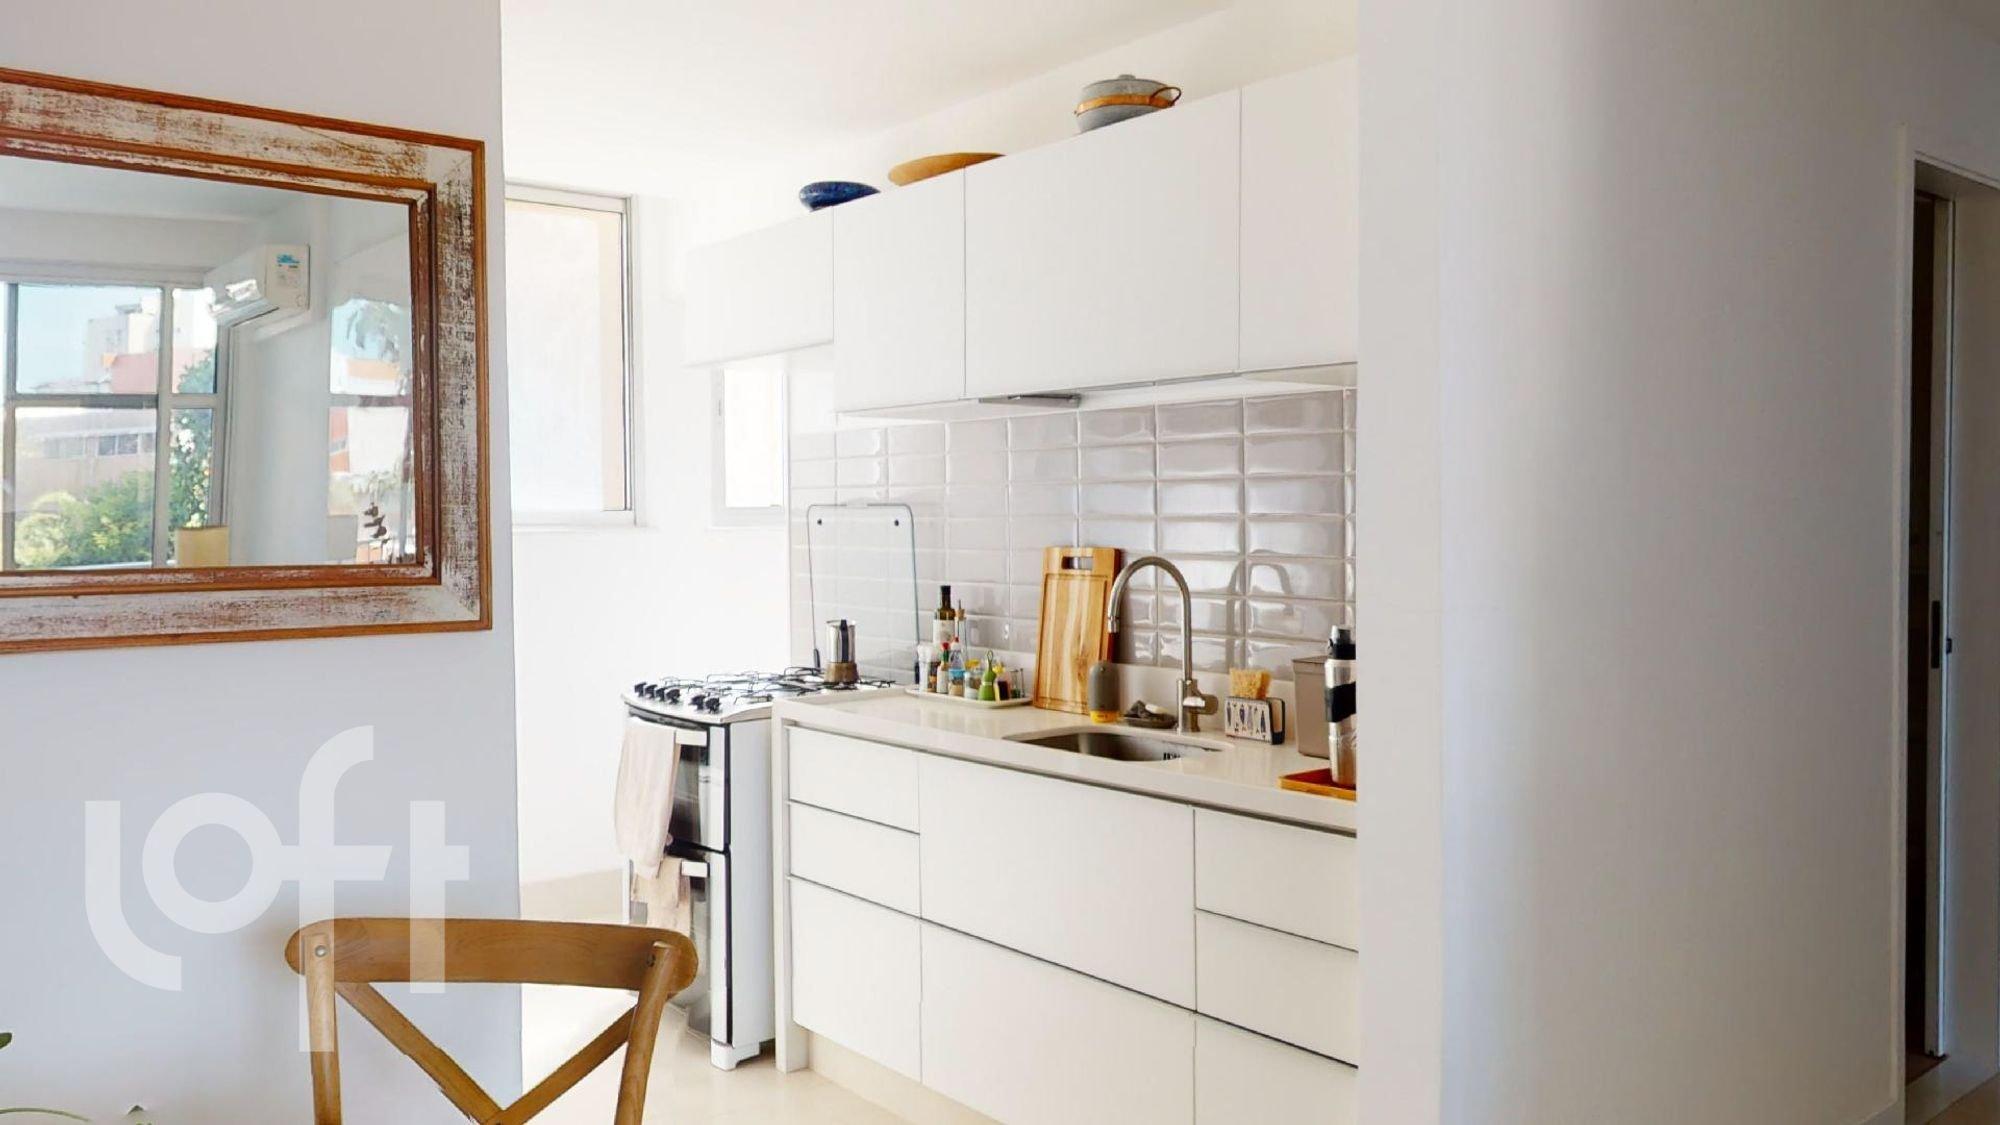 Foto de Cozinha com pia, cadeira, garrafa